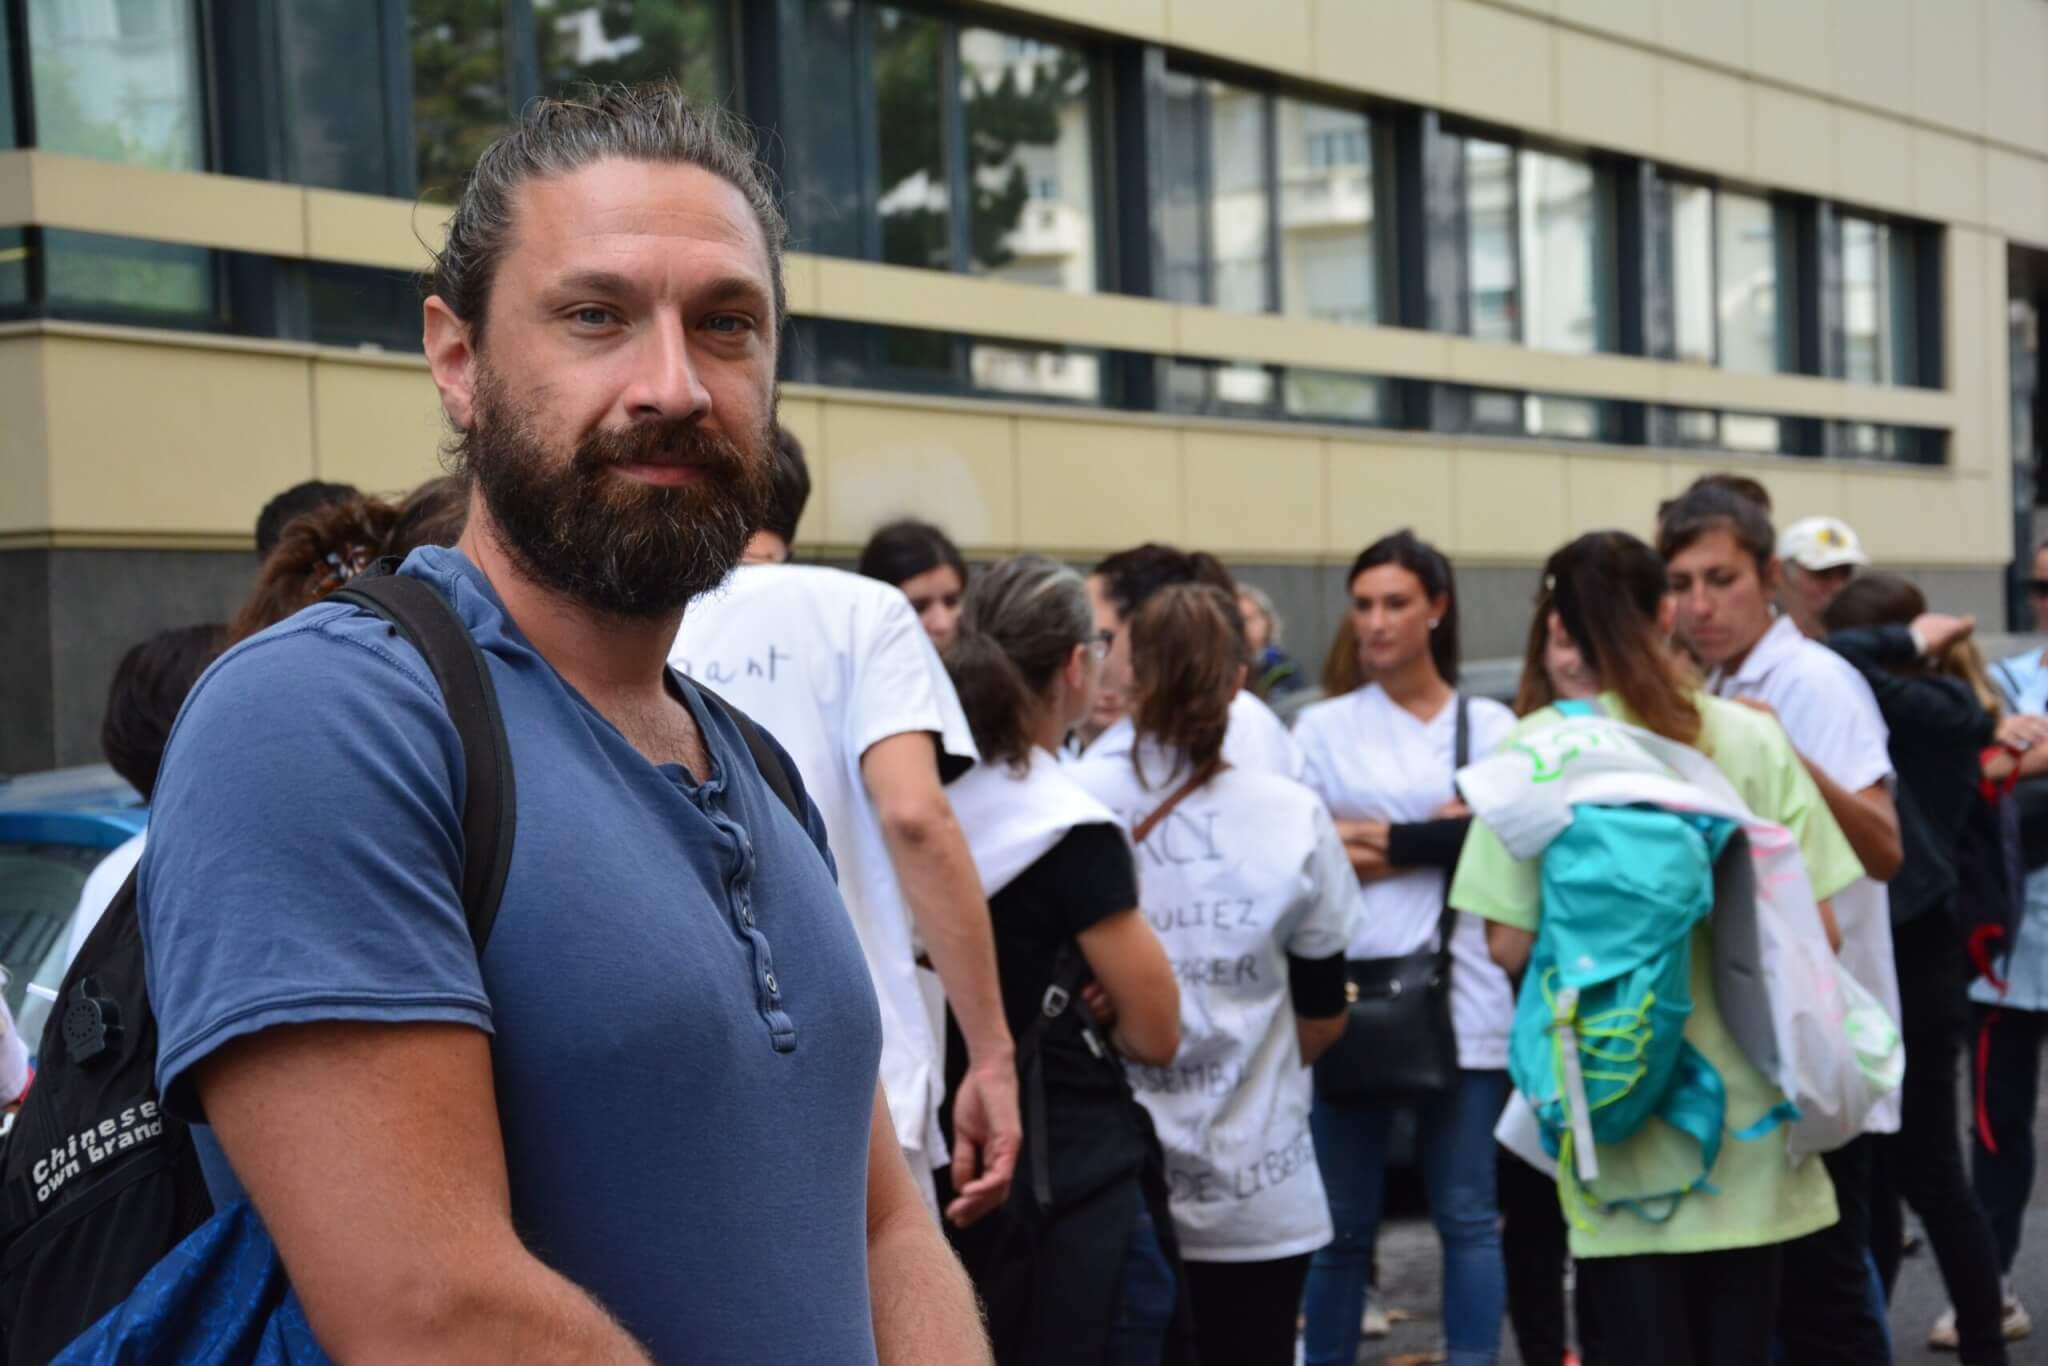 Depuis le 15 septembre, le personnel hospitalier de Lyon et d'ailleurs n'ayant pas commencé les démarches vers la vaccination va être suspendu de son poste.